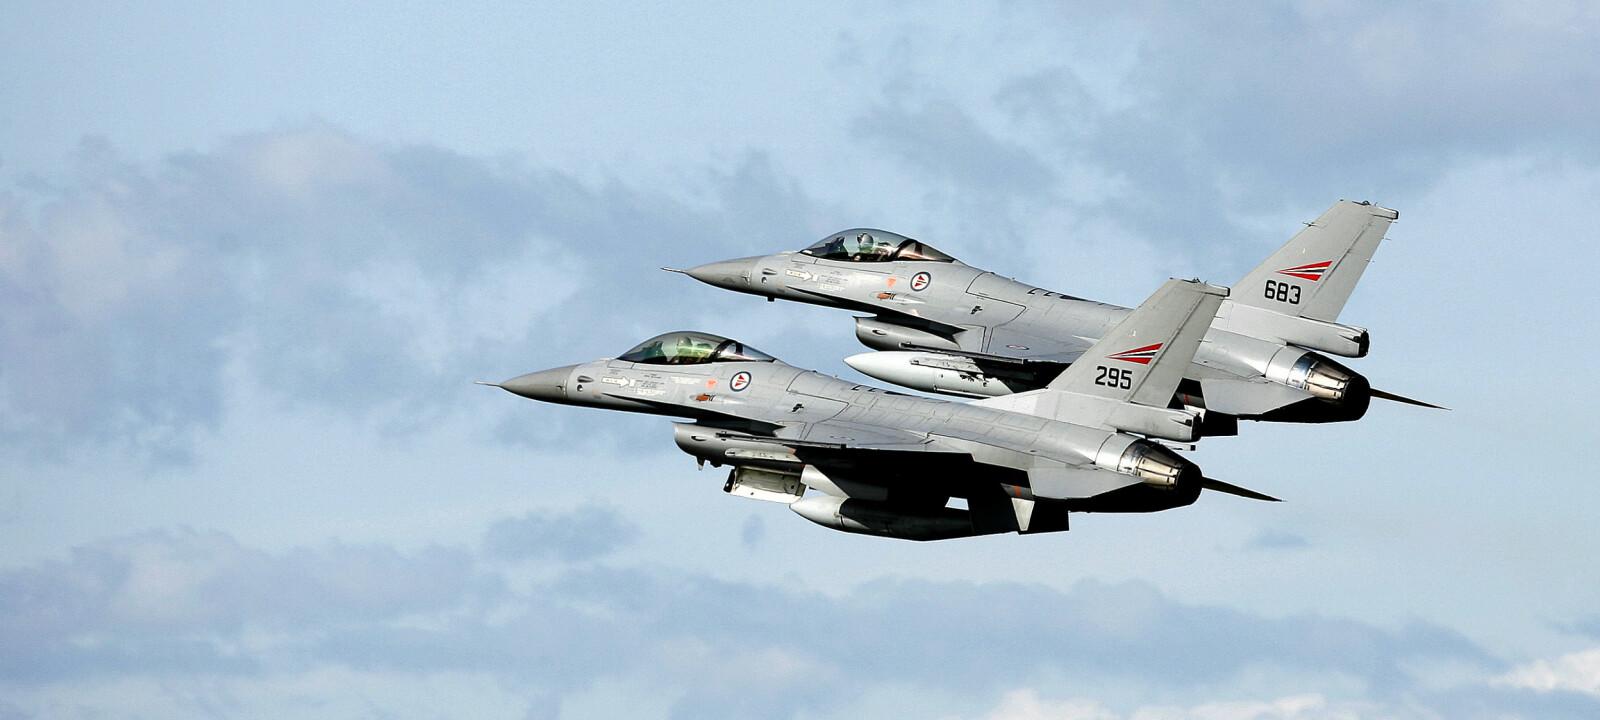 <b>PATRULJE:</b> Oppdraget til de norske jagerflyene som deltok i bombekampanjen mot Serbia, var å beskytte andre Nato-fly. Senere skvadronsjef på 717-skvadronen, Øivind Jervan (innfelt), var med under det første luftslaget.